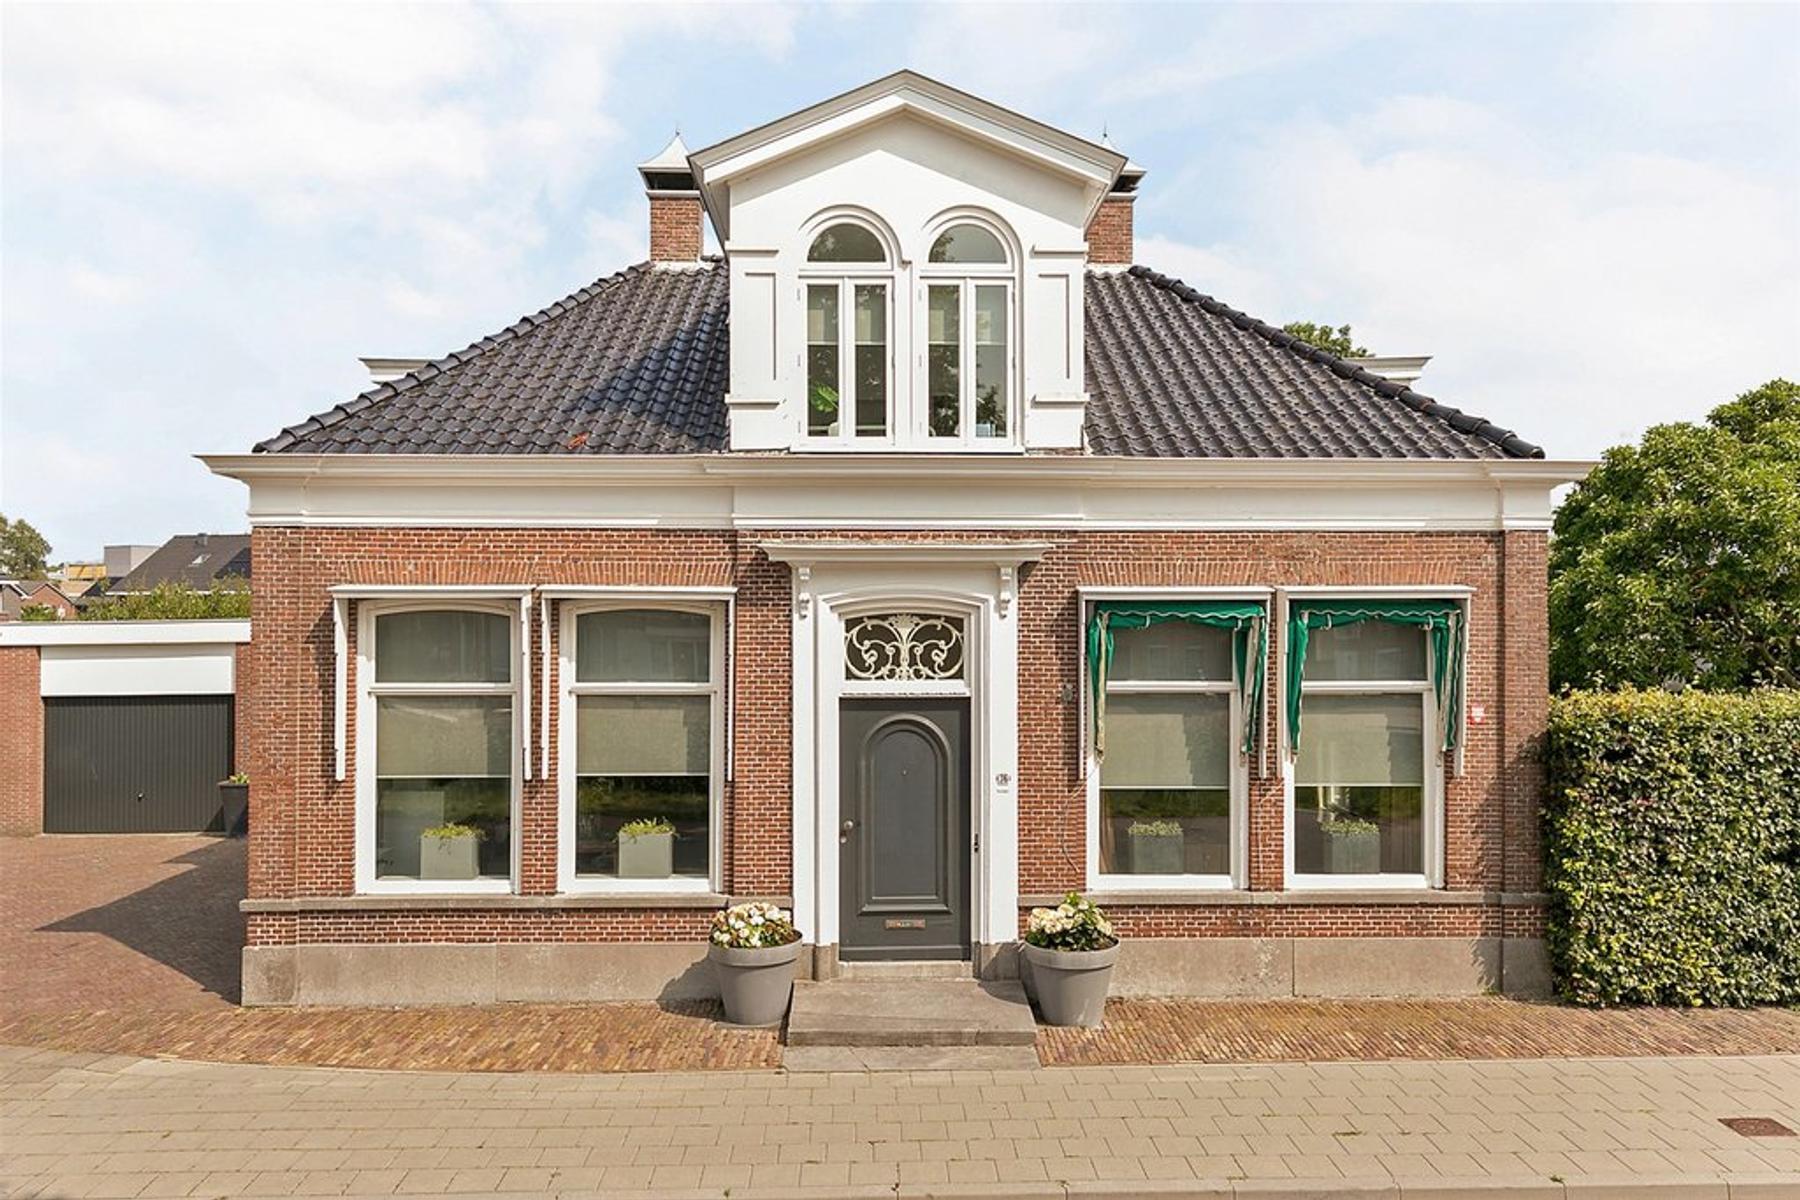 Fok 36 in Heerenveen